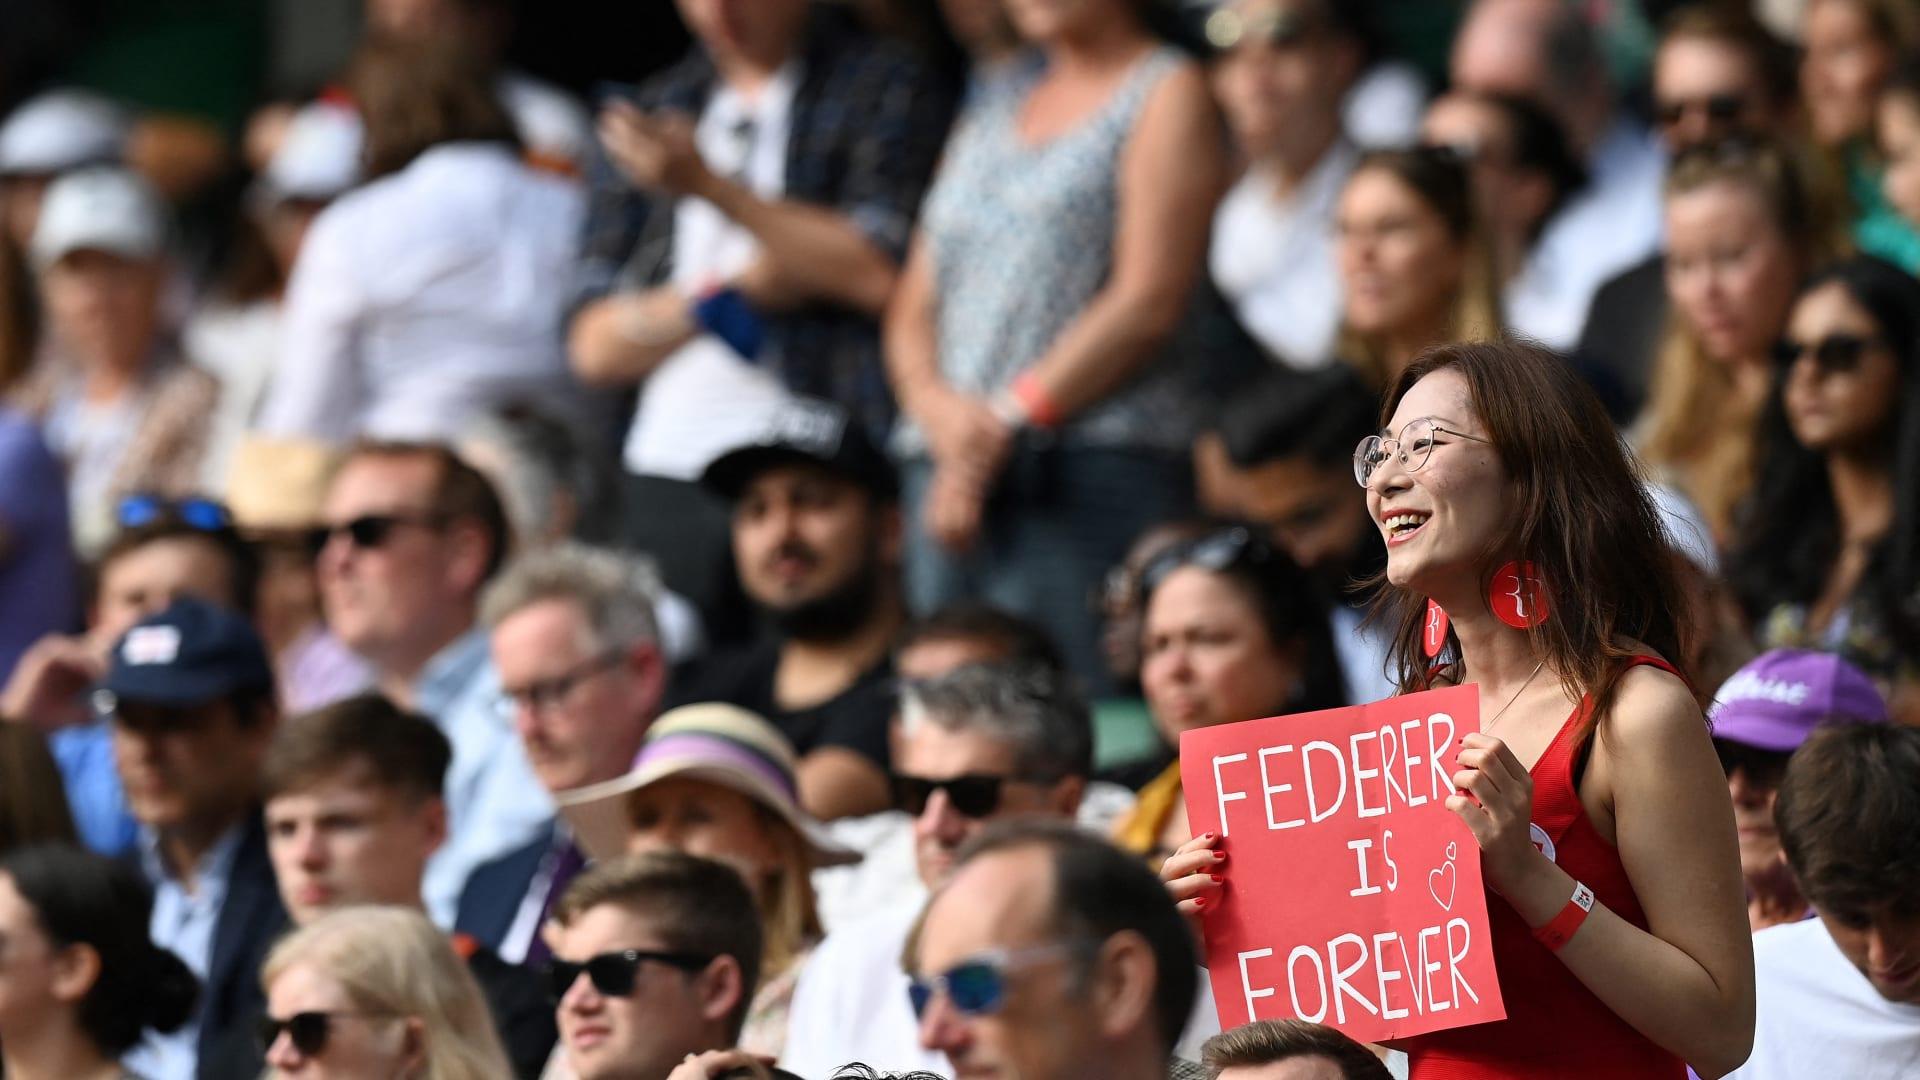 Sự nghiệp của Federer không thể kéo dài mãi như tình yêu mà các CĐV dành cho anh. Ảnh: Wimbledon